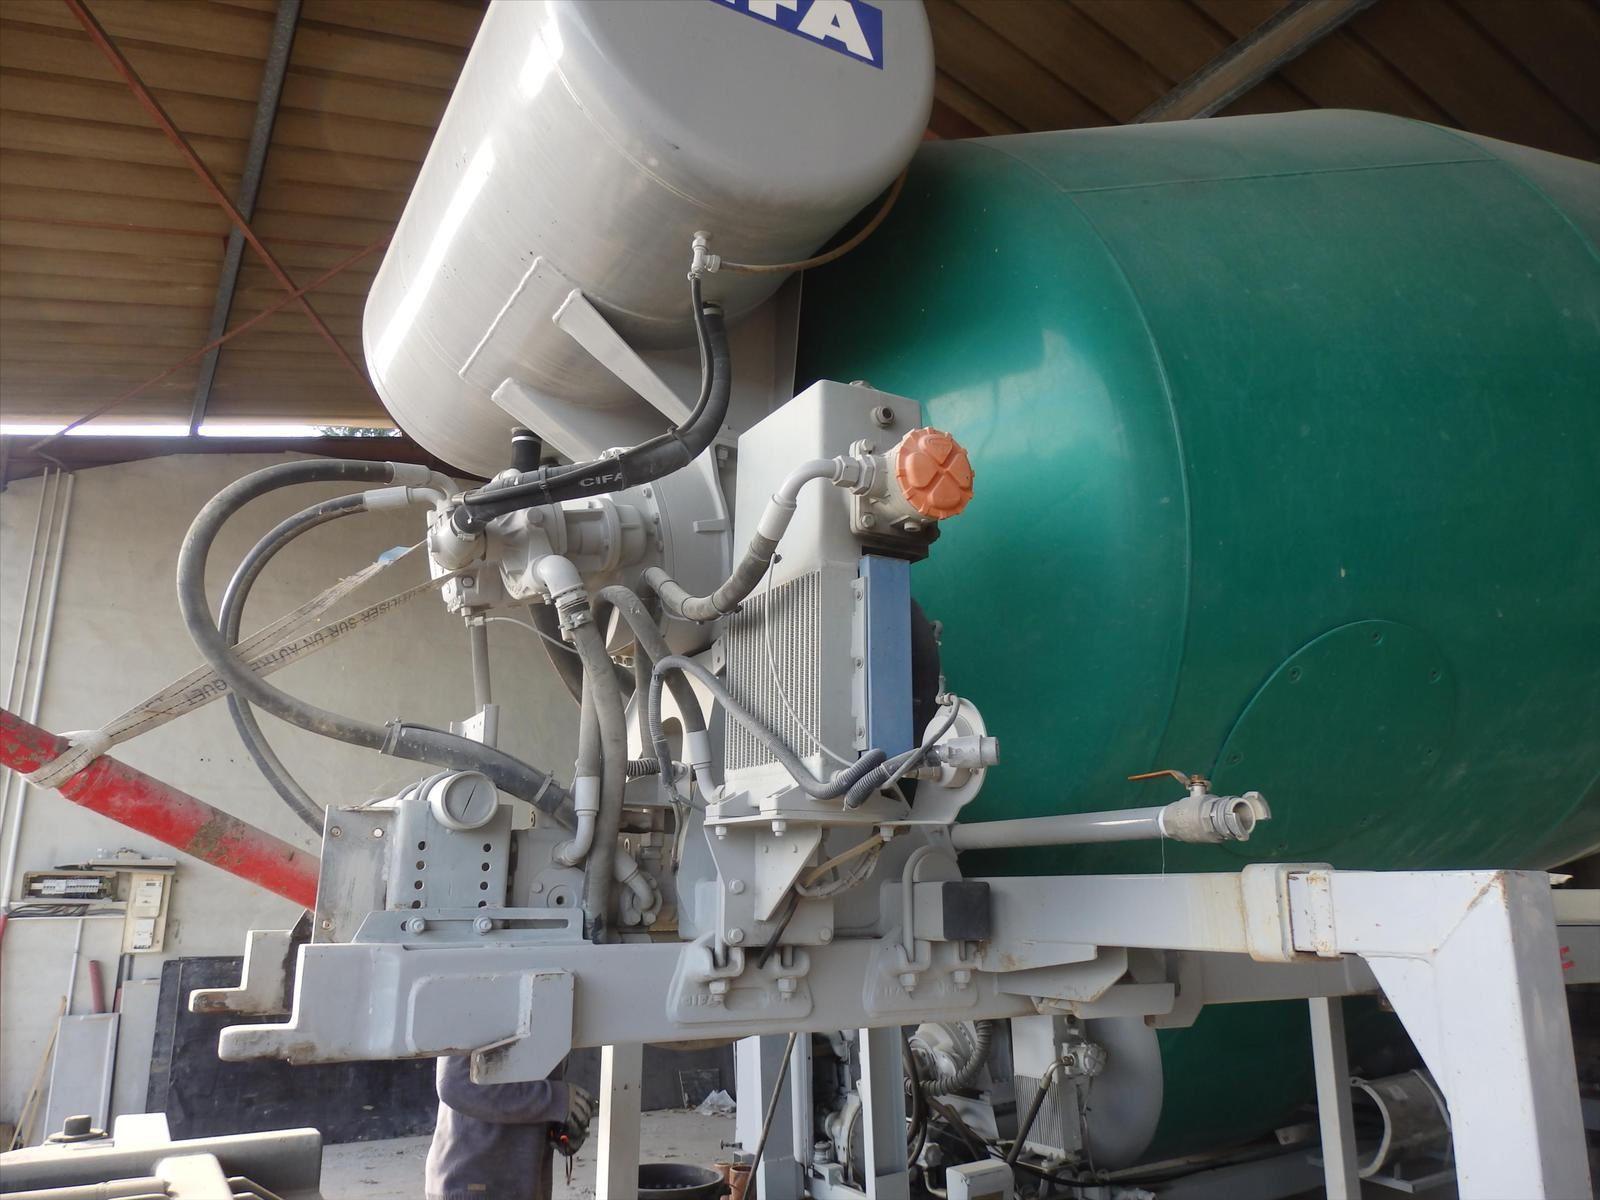 Malaxeur CIFA Remorque Agricolle 0608066192 Trans.Comm.13 Pierre BASSAT